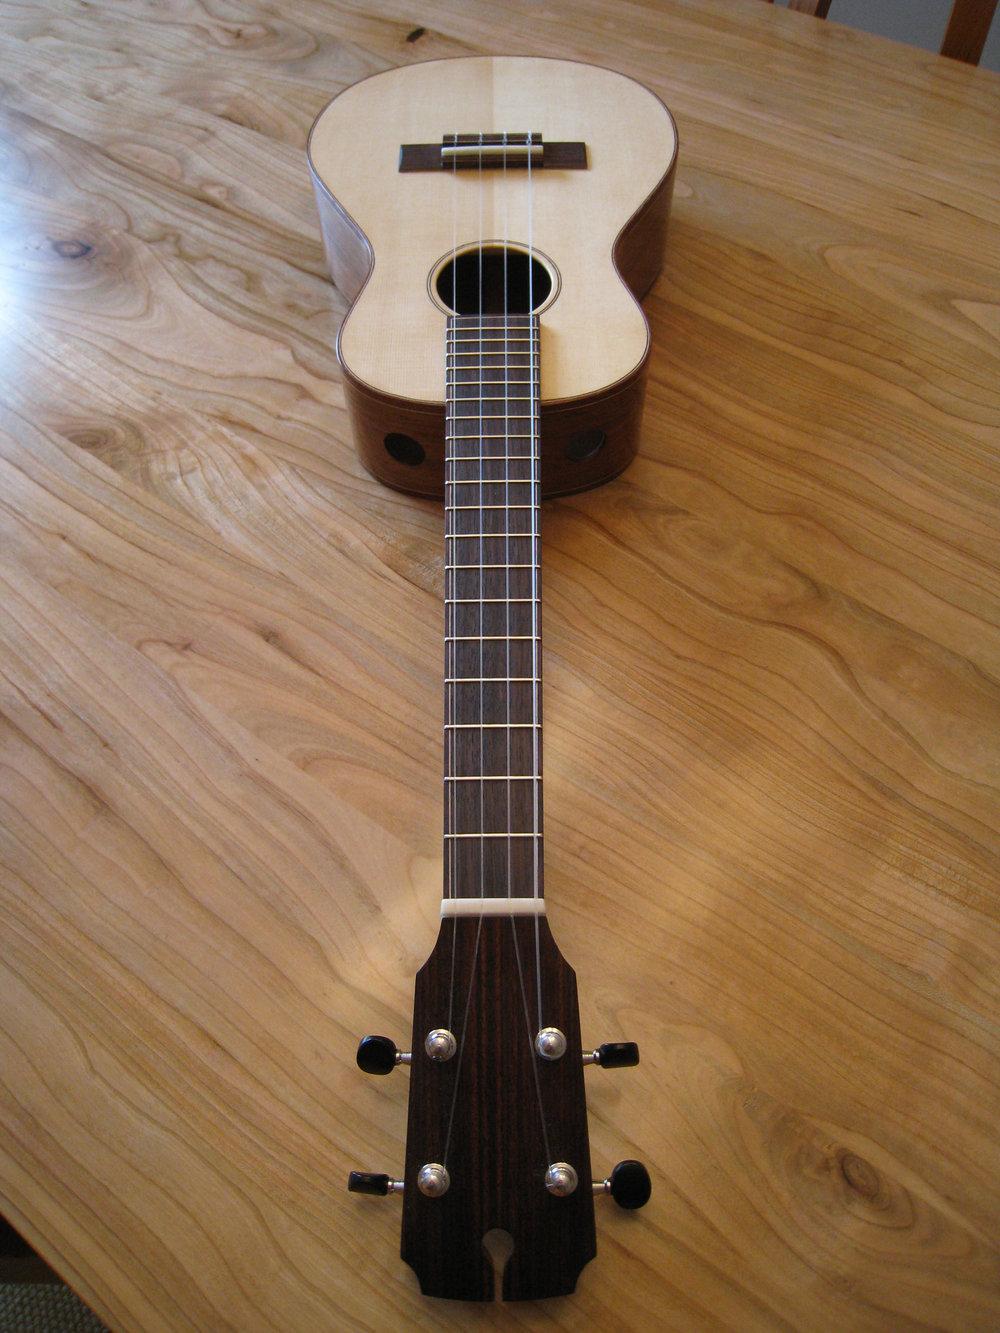 mustguitars-ukulele-blakes4-comp (5).JPG